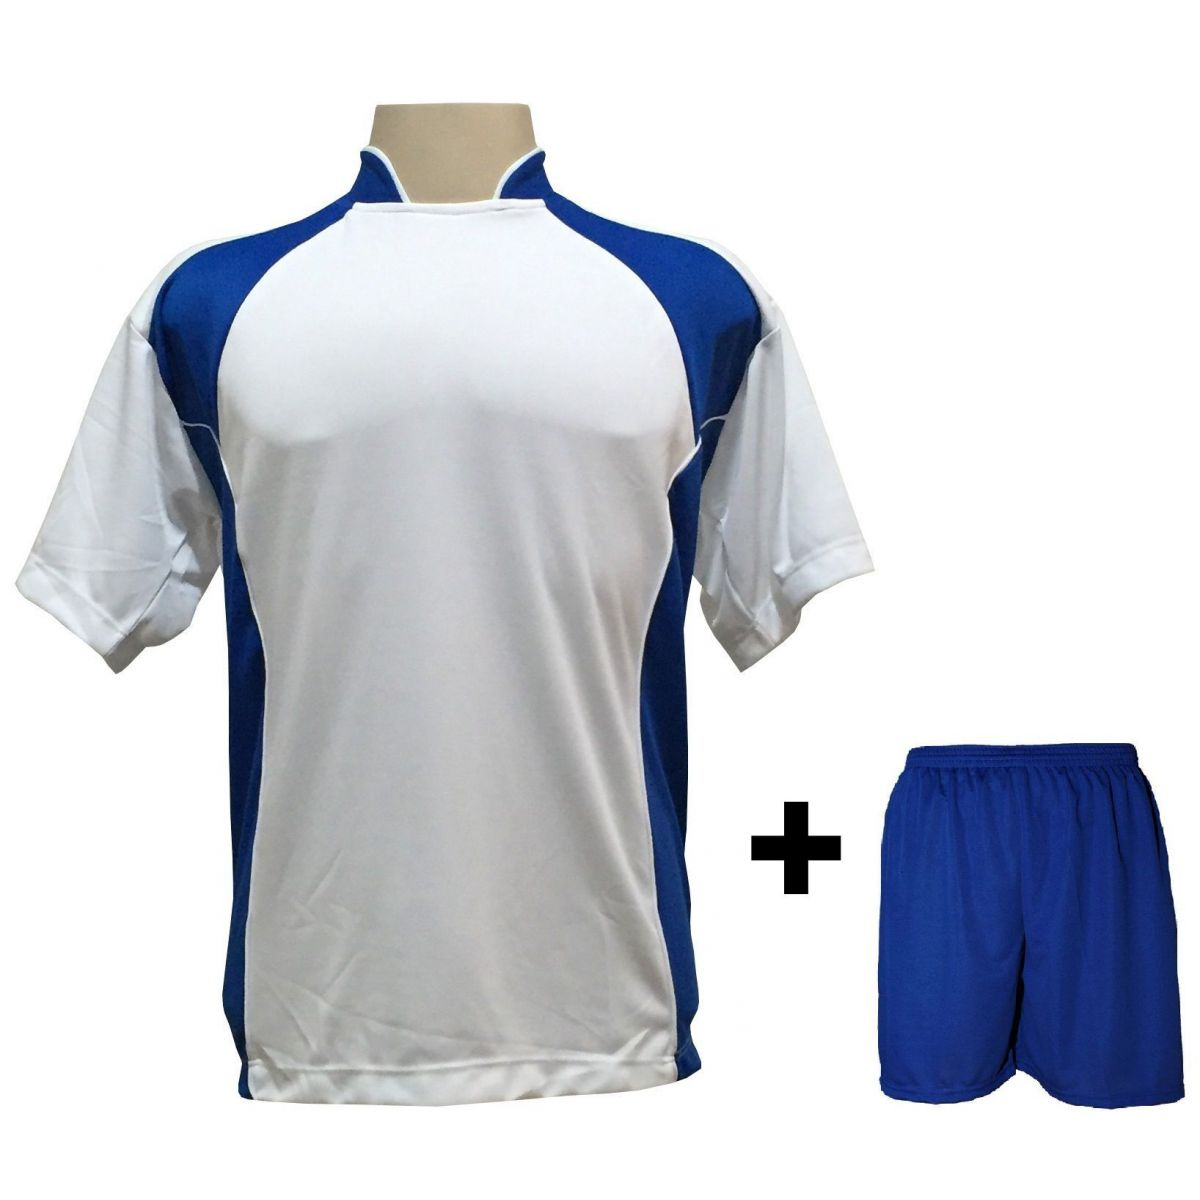 Uniforme Esportivo com 14 camisas modelo Suécia Branco/Royal + 14 calções modelo Madrid Royal + Brindes